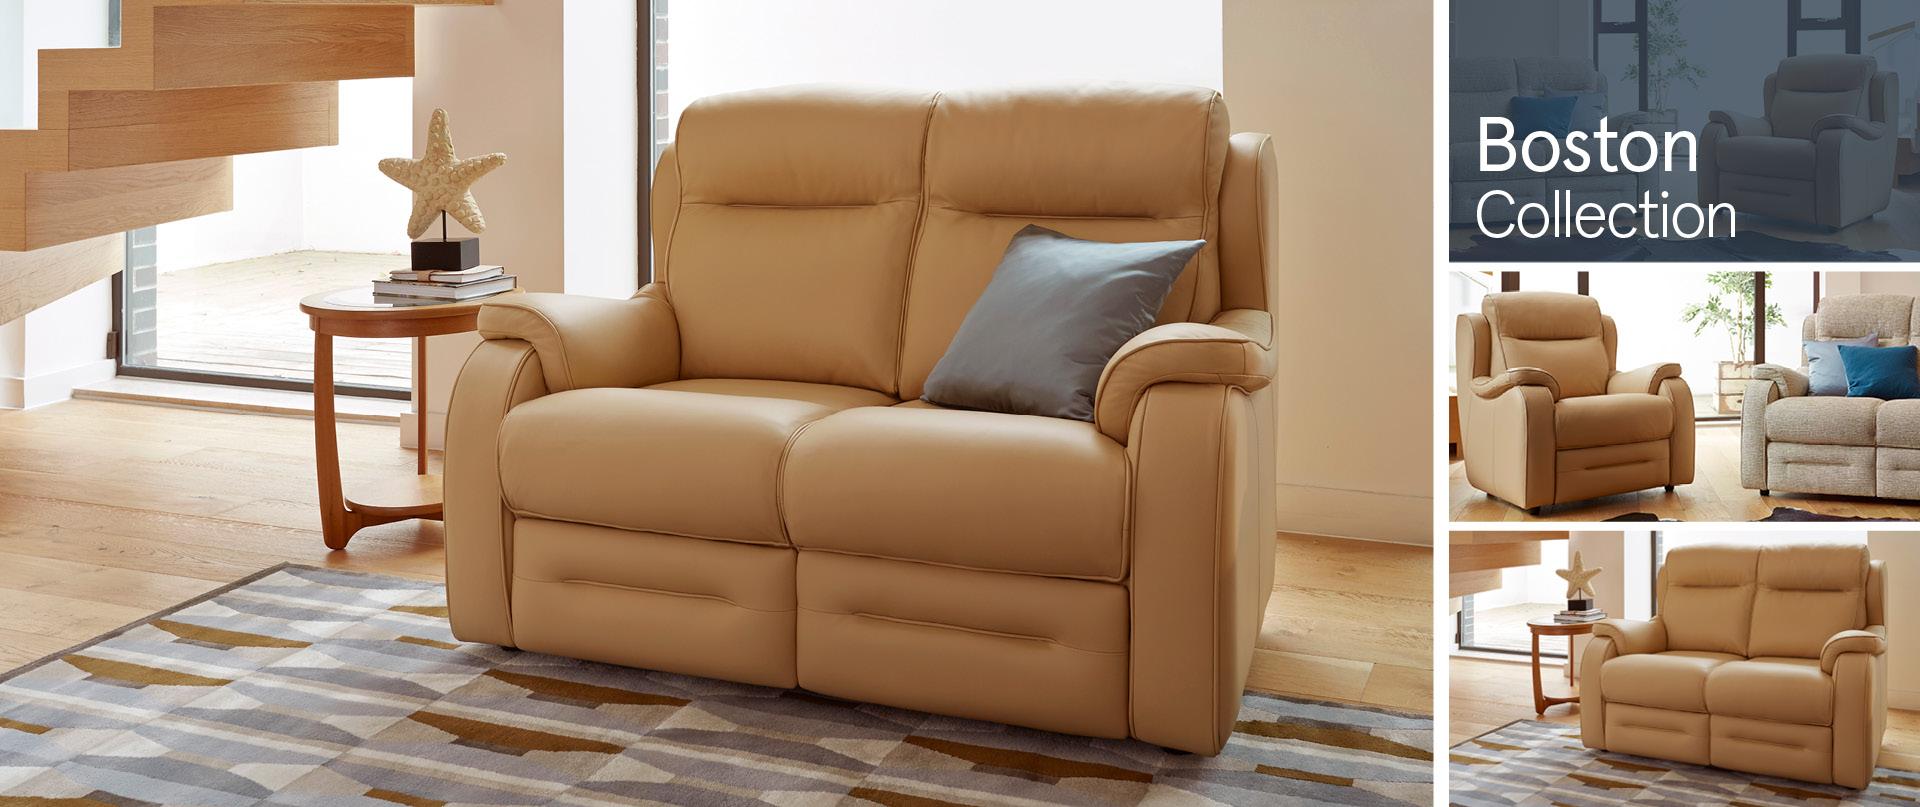 Boston Leather Sofa Ranges